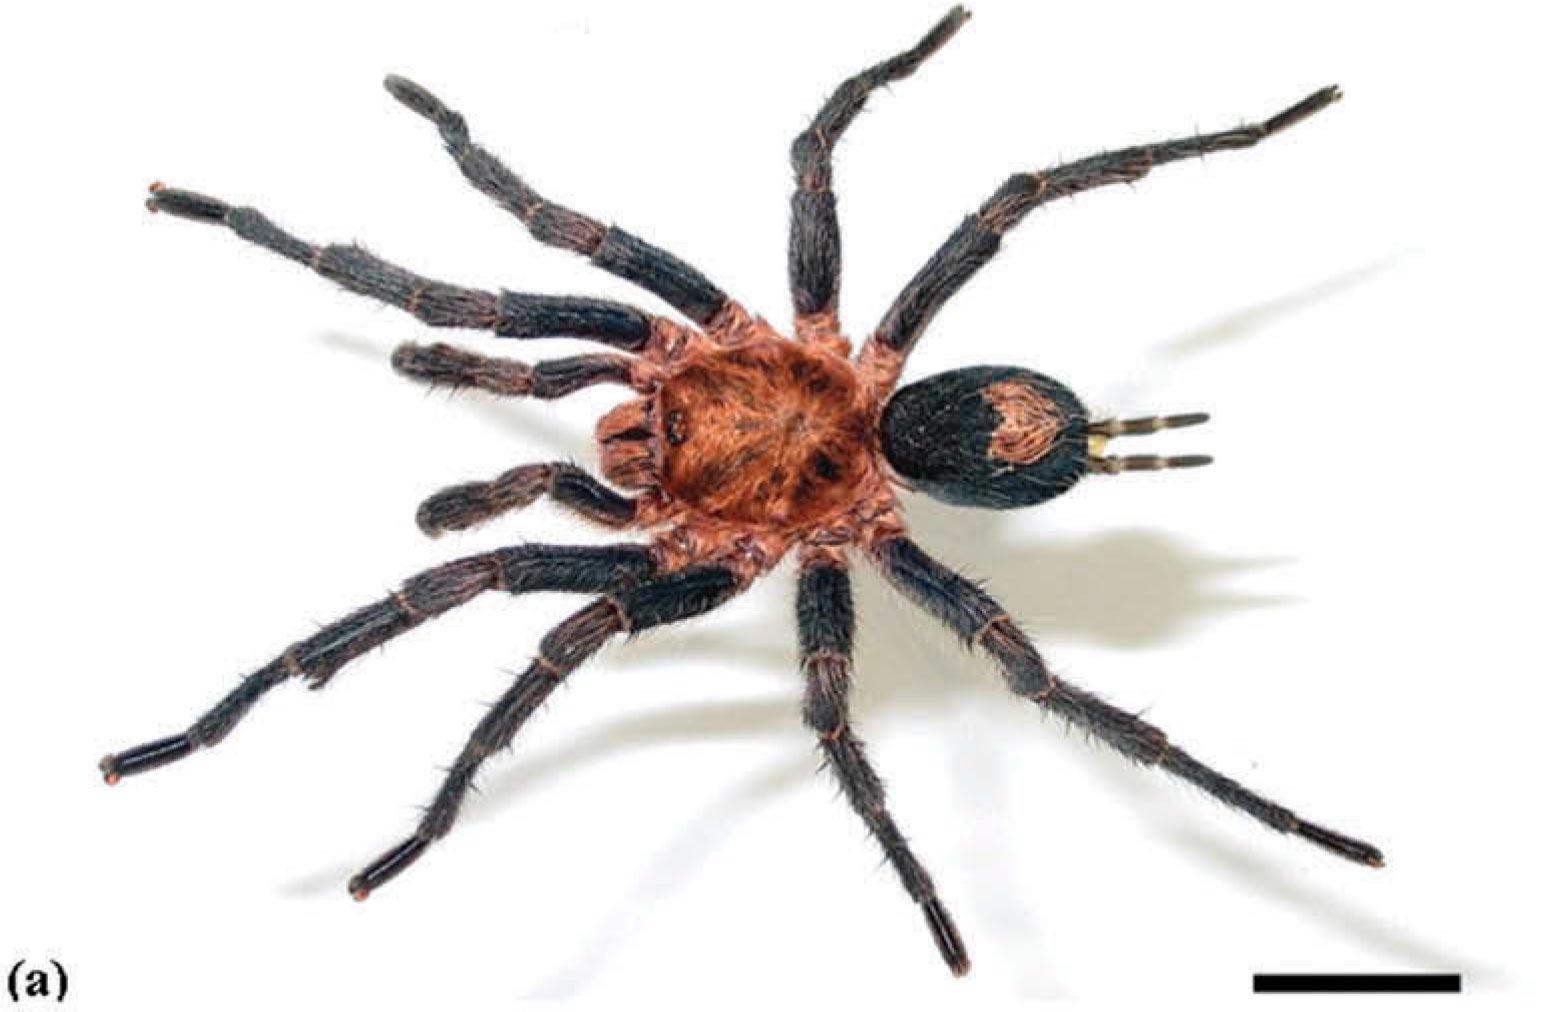 Cyriocosmus itayensis